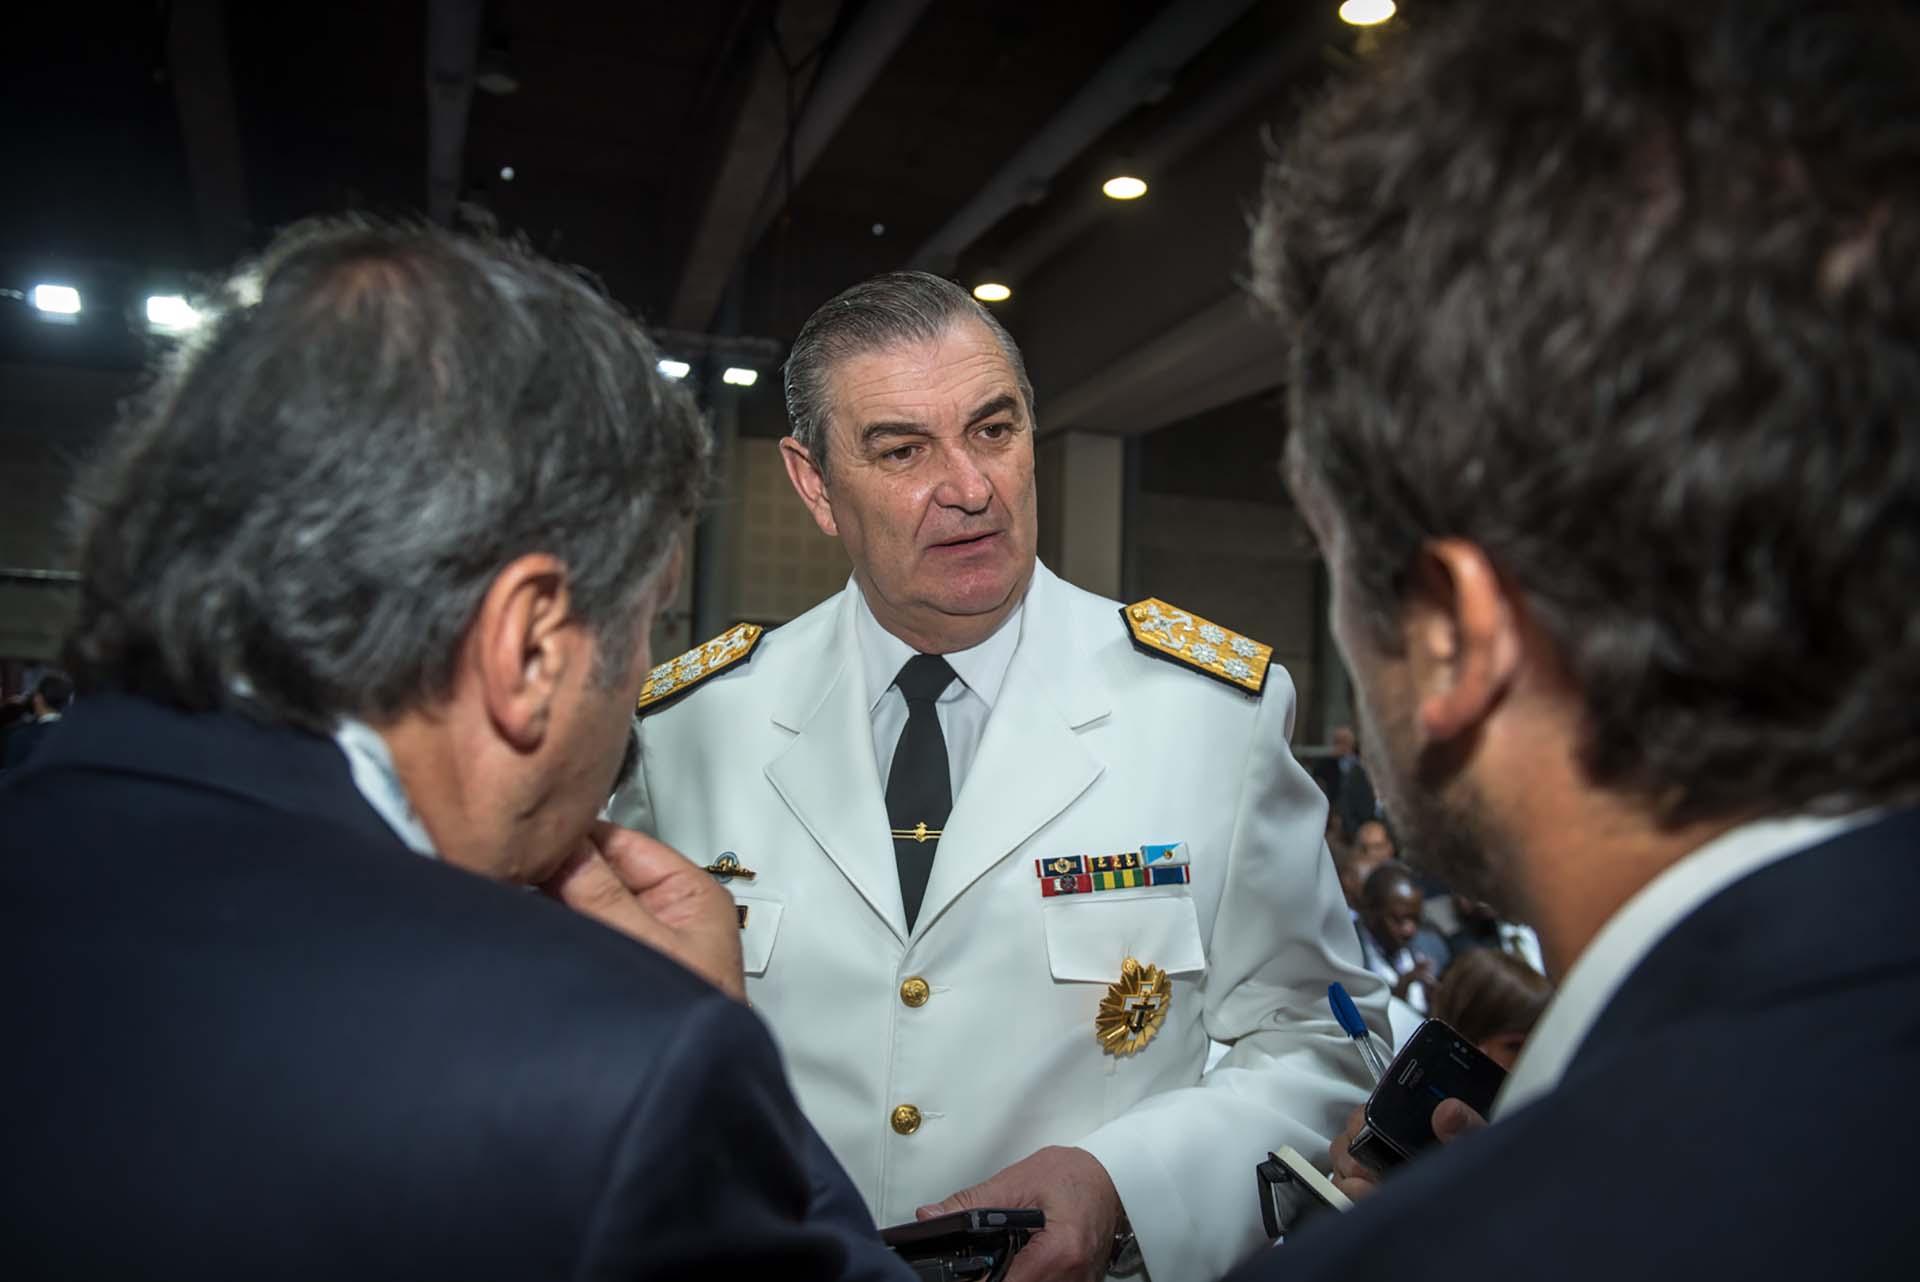 El Jefe del Estado Mayor de la Armada Argentina, almirante Marcelo Srur